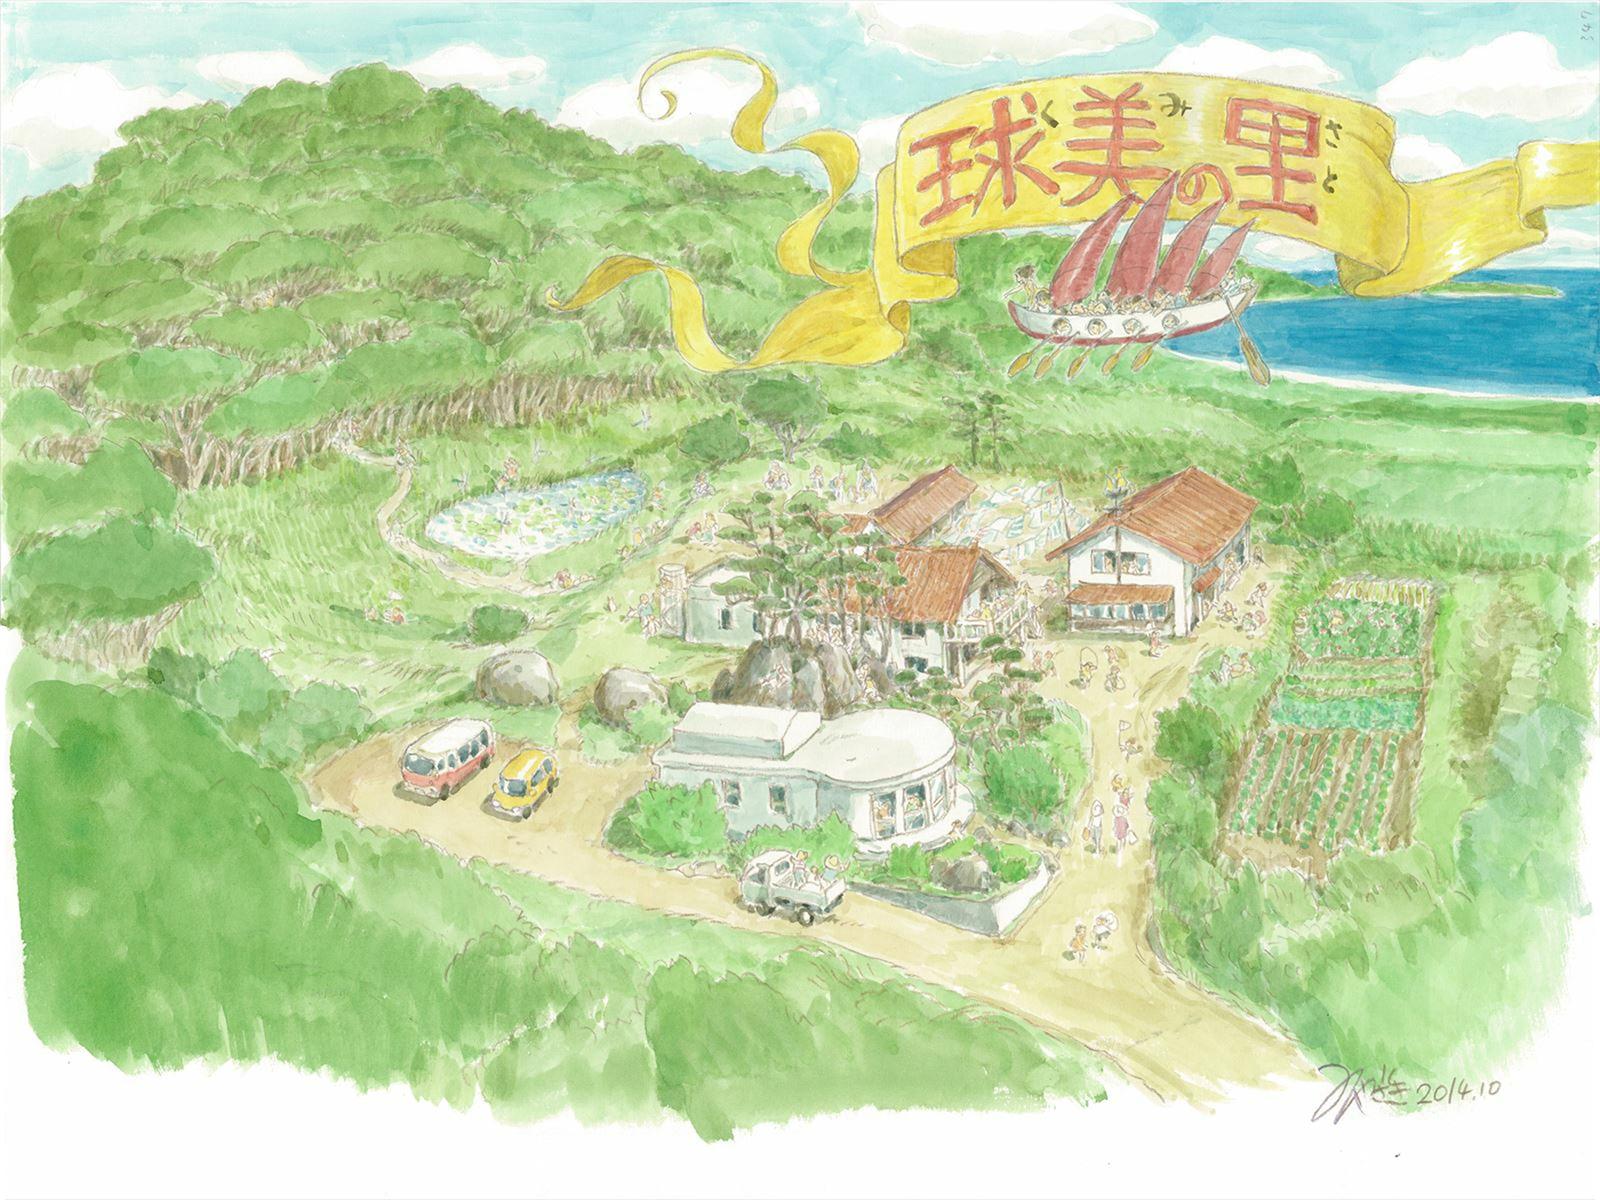 宮崎駿さんが描いてくださった球美の里の近未来図